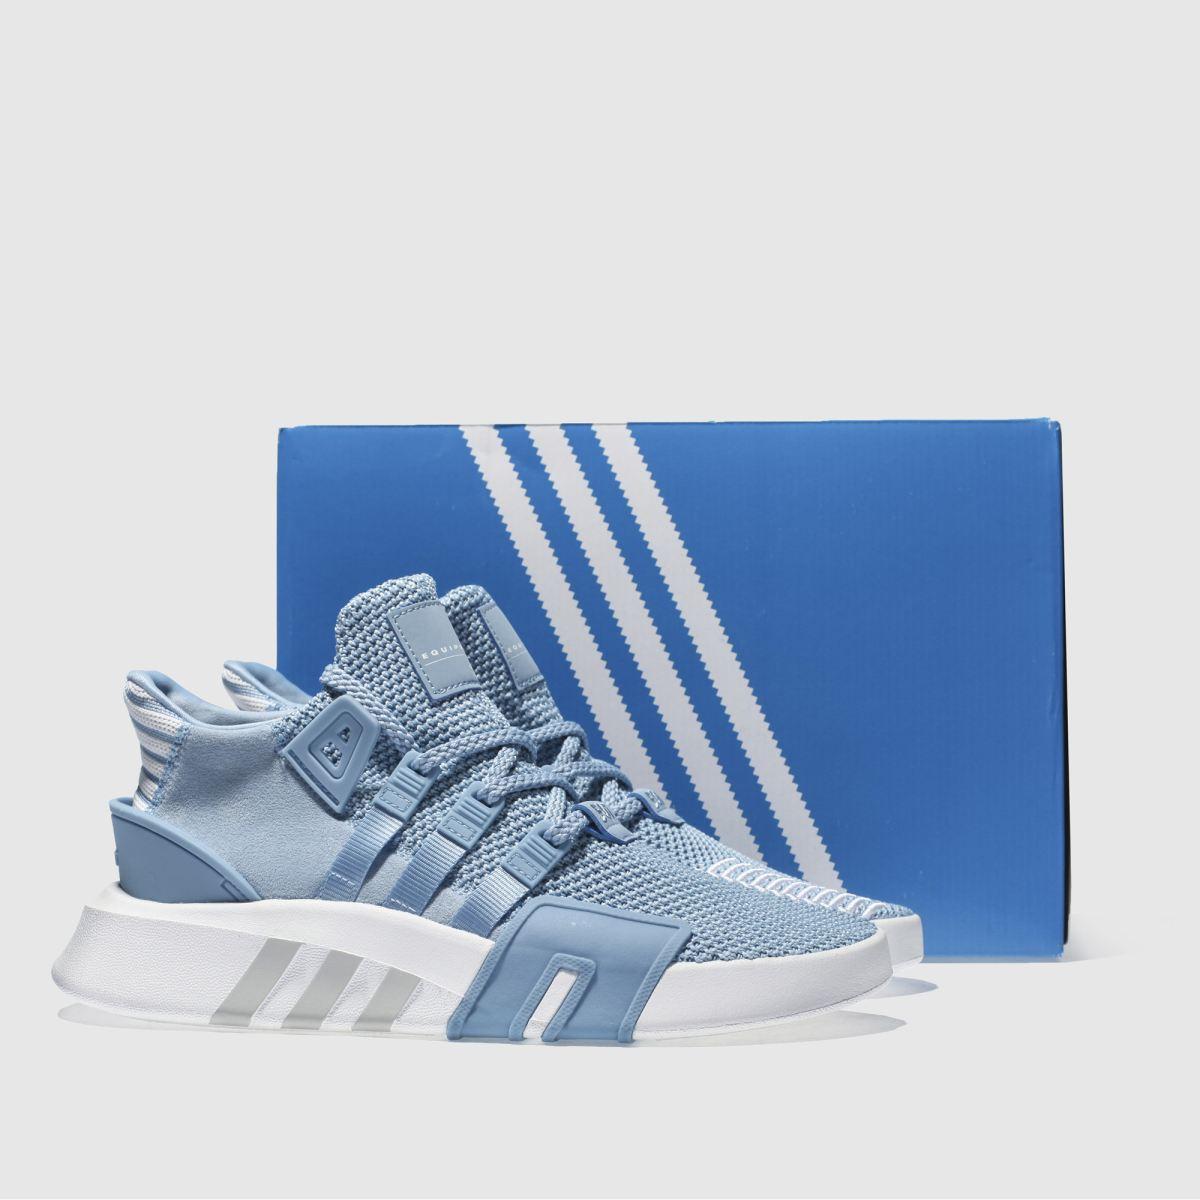 SneakerSchuh Bask Hellblau Eqt Adidas Adv Damen ymN8wOn0v